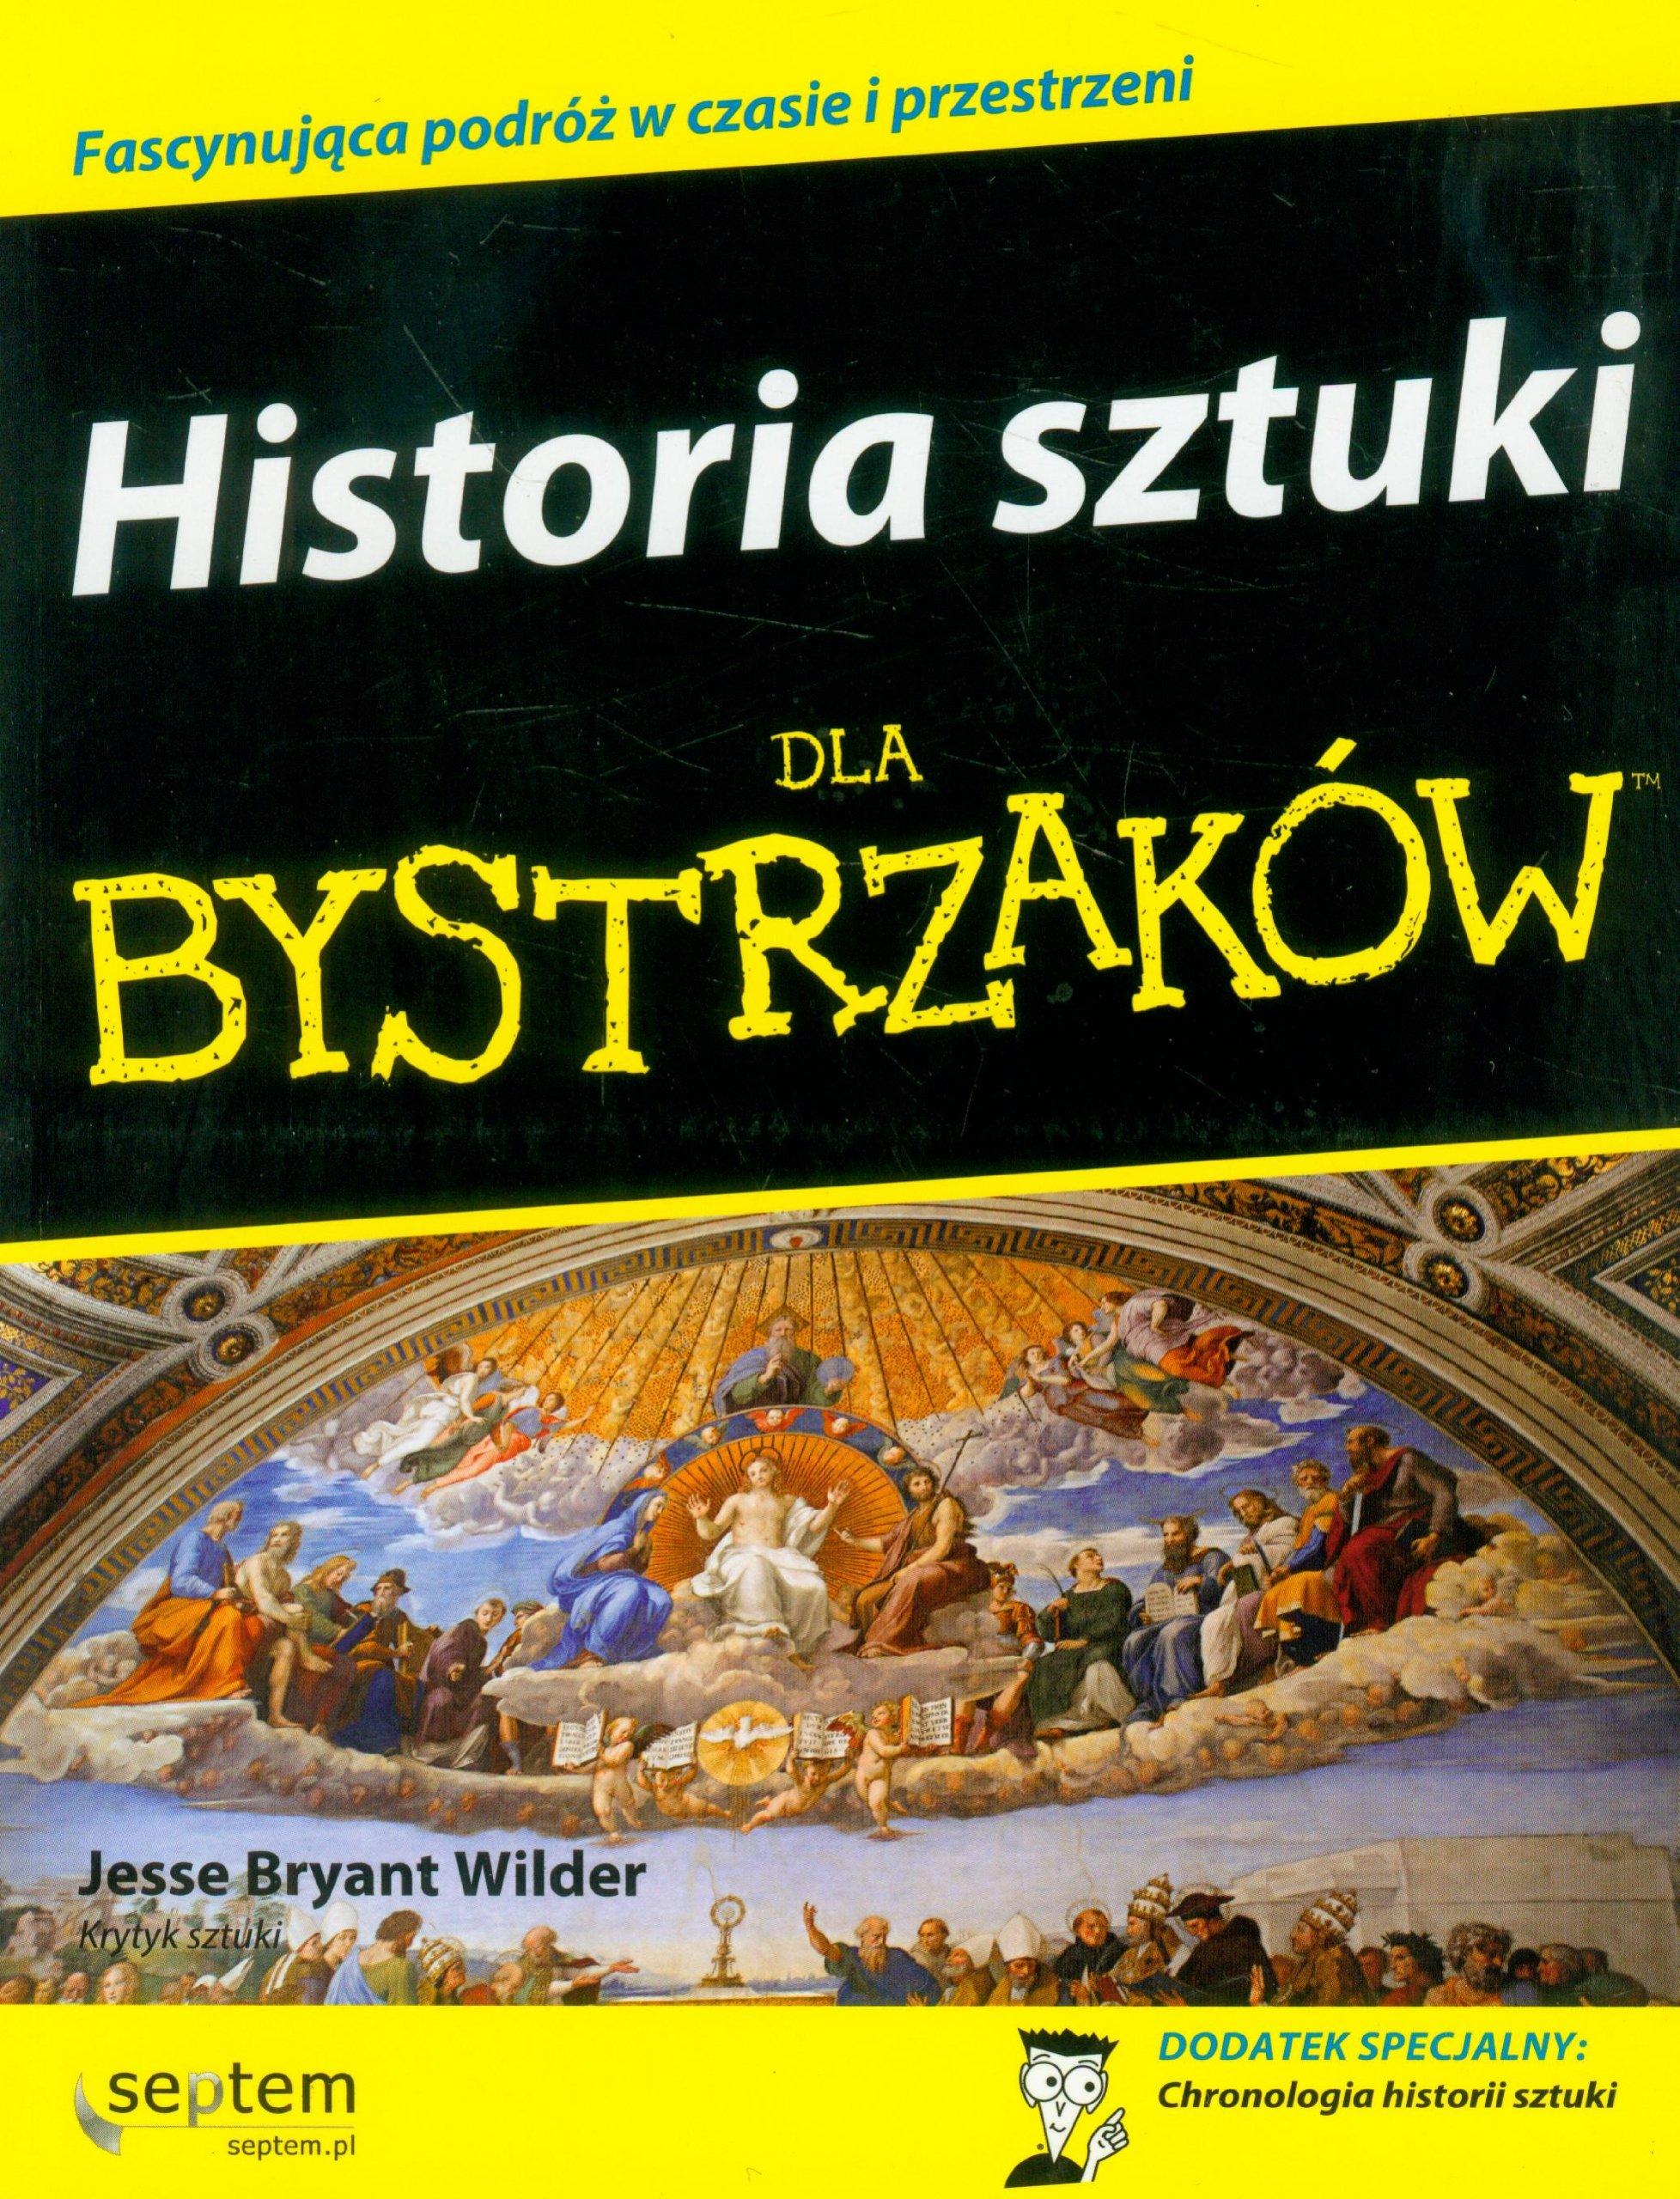 Jesse Bryant Wilder  Historia sztuki dla bystrzaków